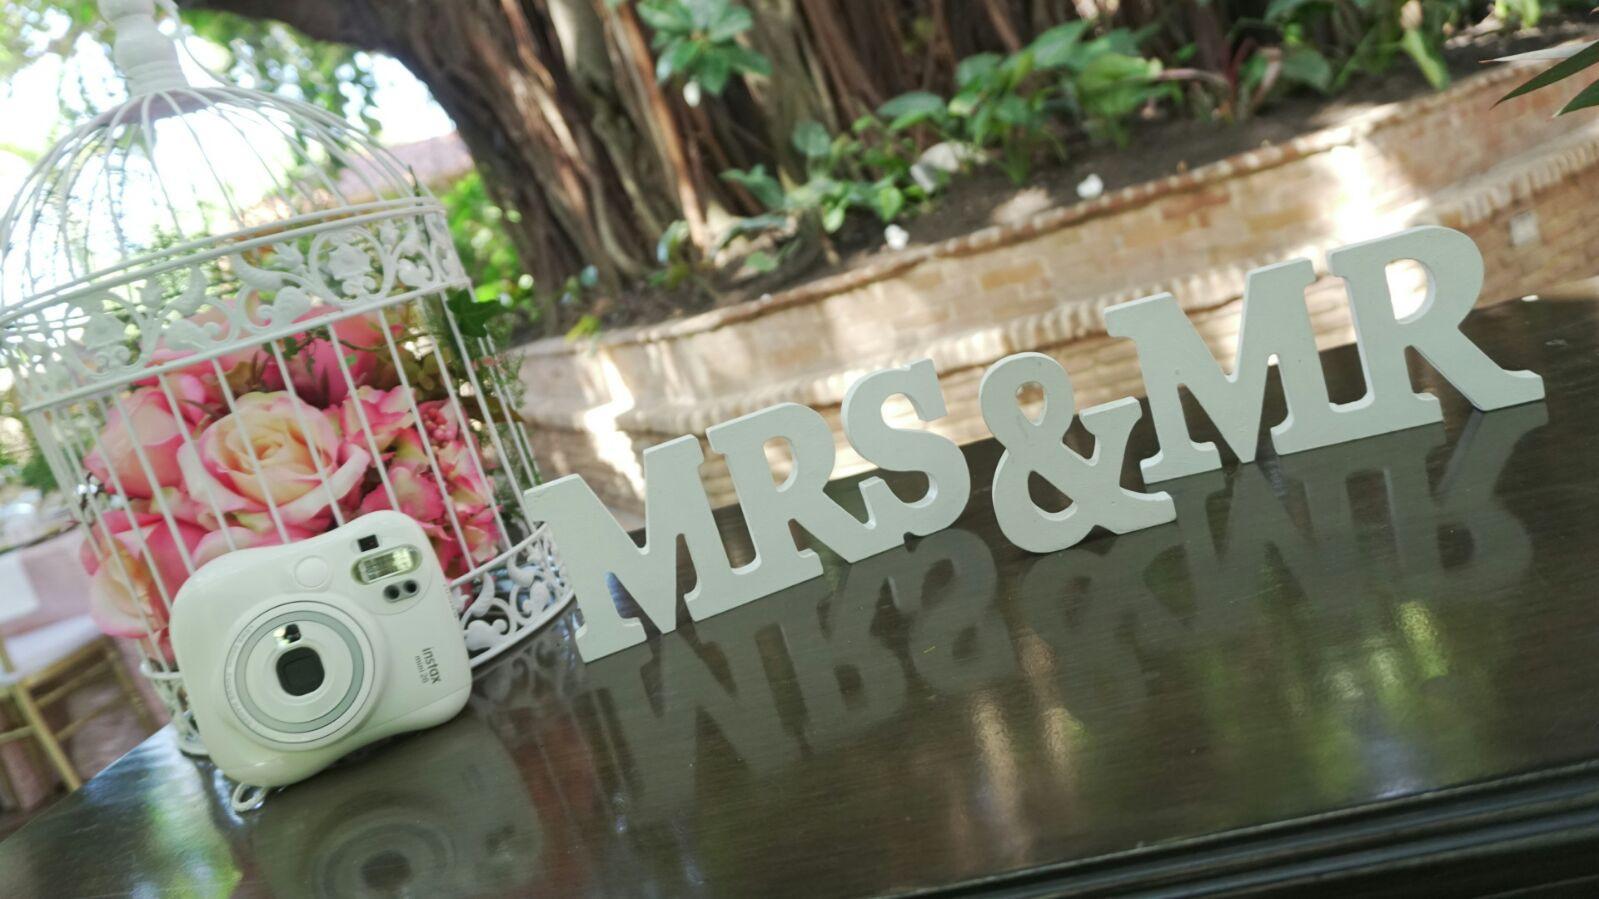 Piezas y Mobiliarios: MIXAR Eventos